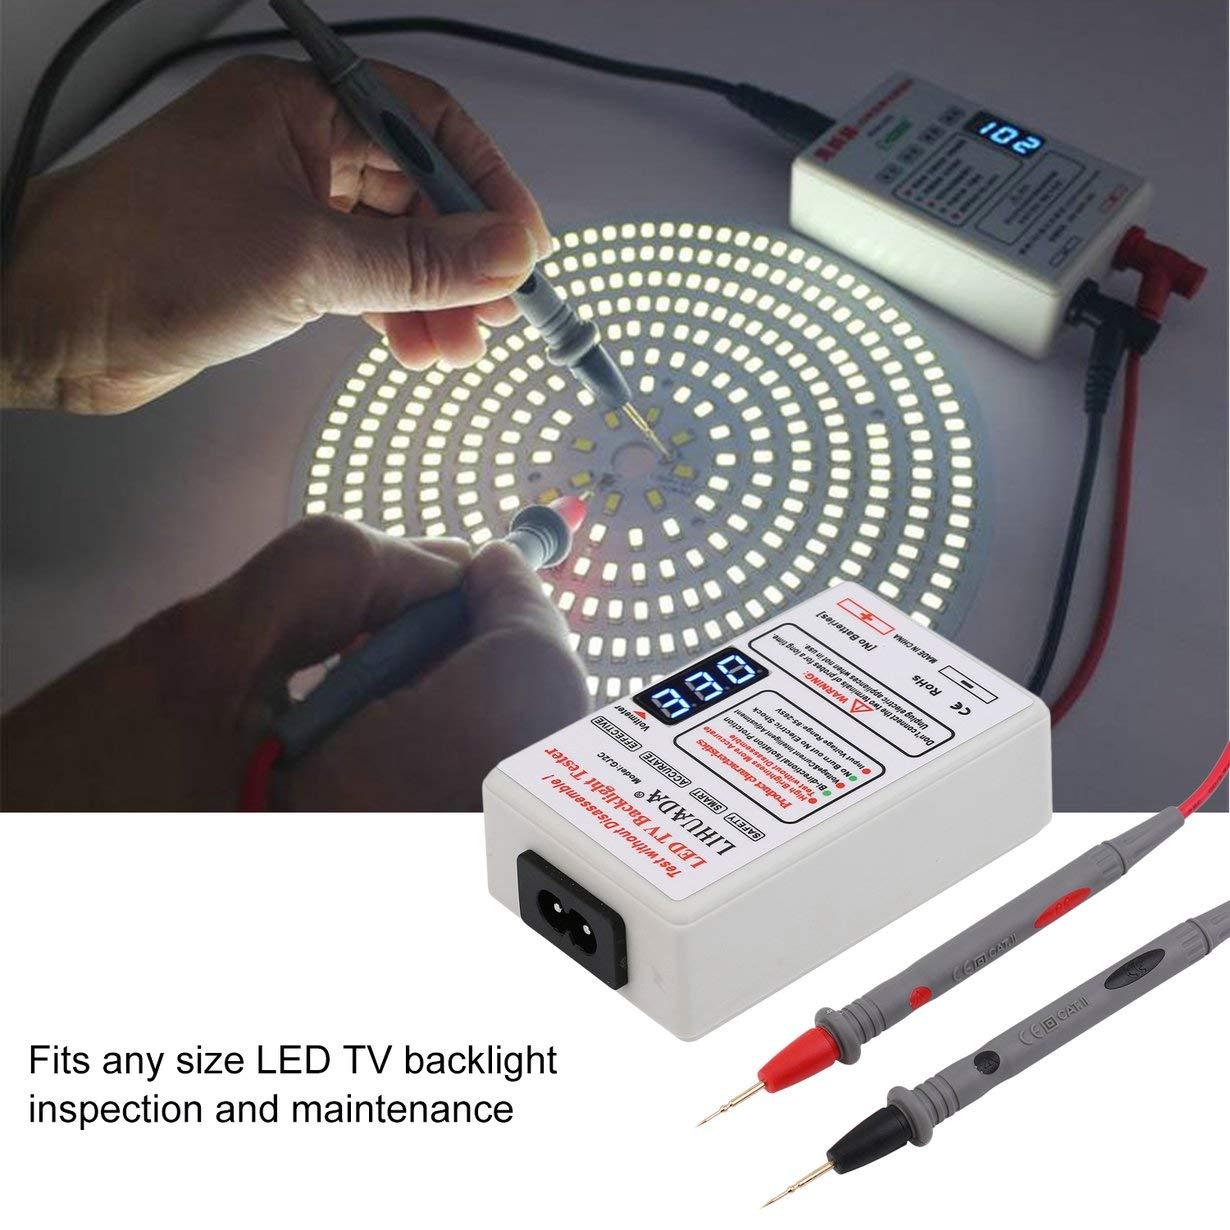 GJ2C 0-300V LCD TV Testeur de r/étro/éclairage Portable /Écran R/étro-/éclairage Testeur LED Multiduntional Lampe Perles Conseil D/étecteur Blanc